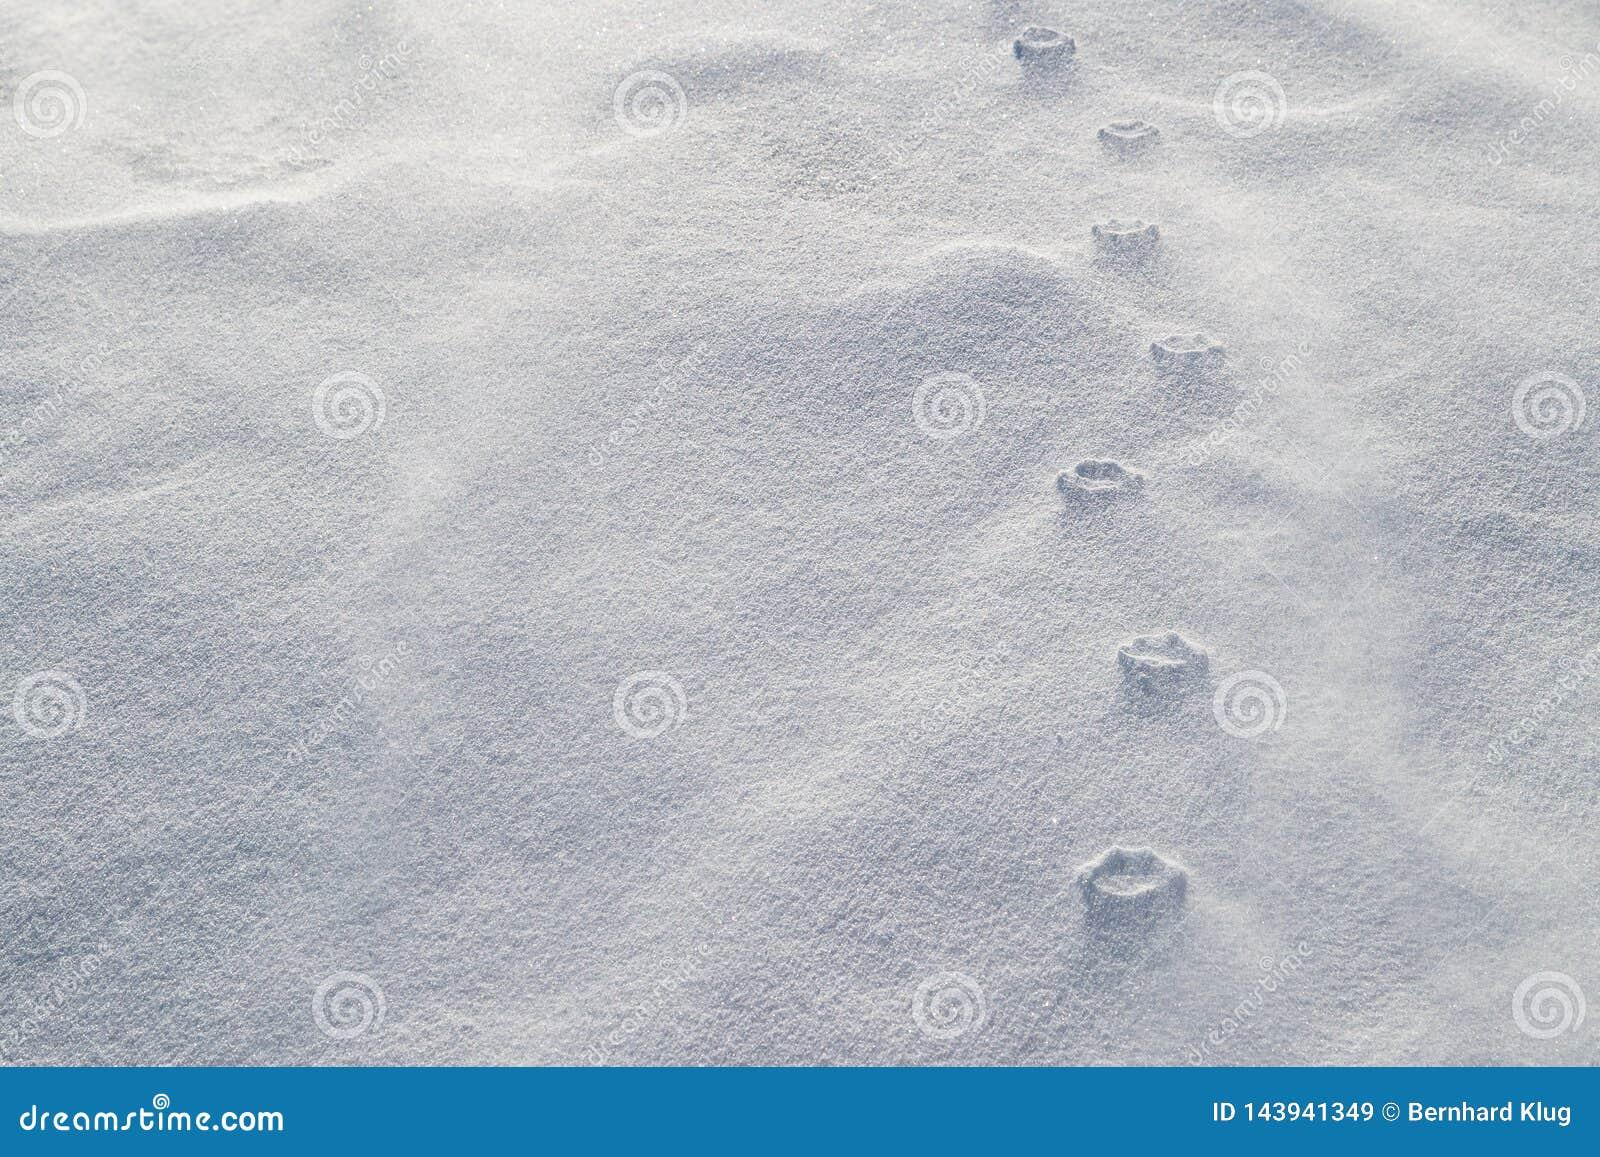 Haute ulga łapa druki w podmuchowym śniegu Silni wiatry żlobili luźnego śnieg wokoło ściśniętych łapa druków